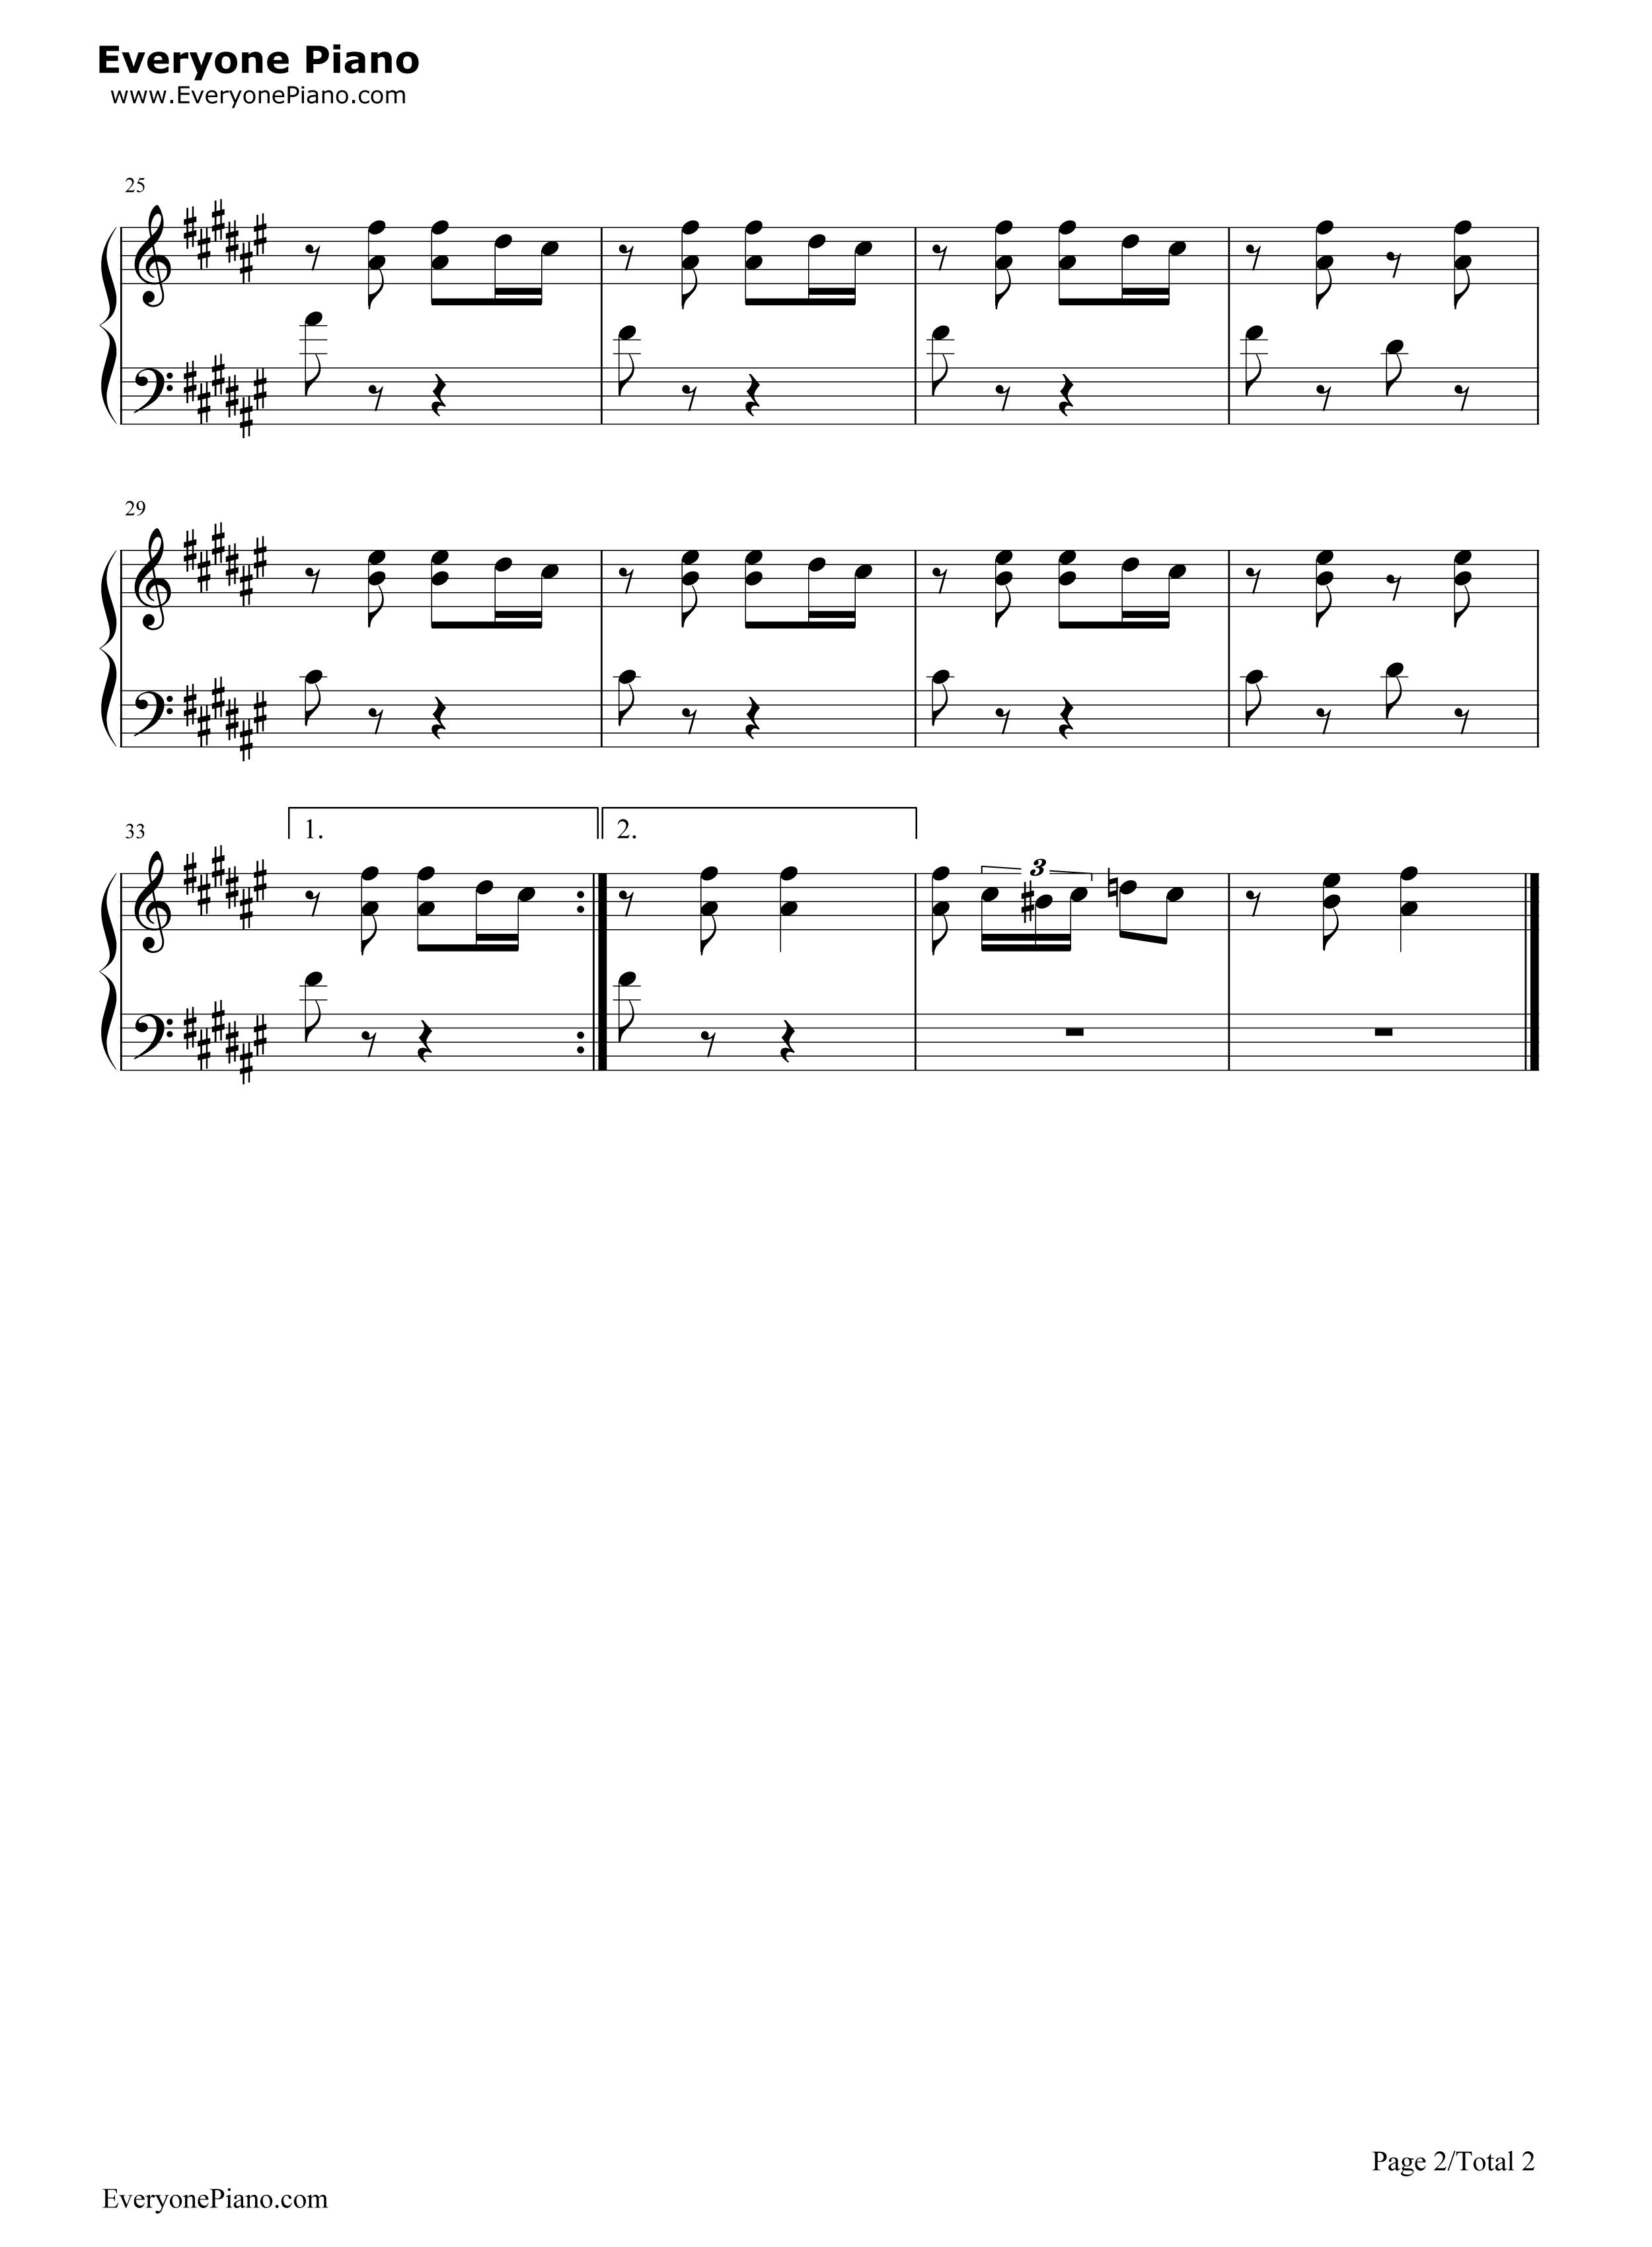 钢琴曲谱 练习曲 踩到猫儿-拜厄练习曲八 踩到猫儿-拜厄练习曲八